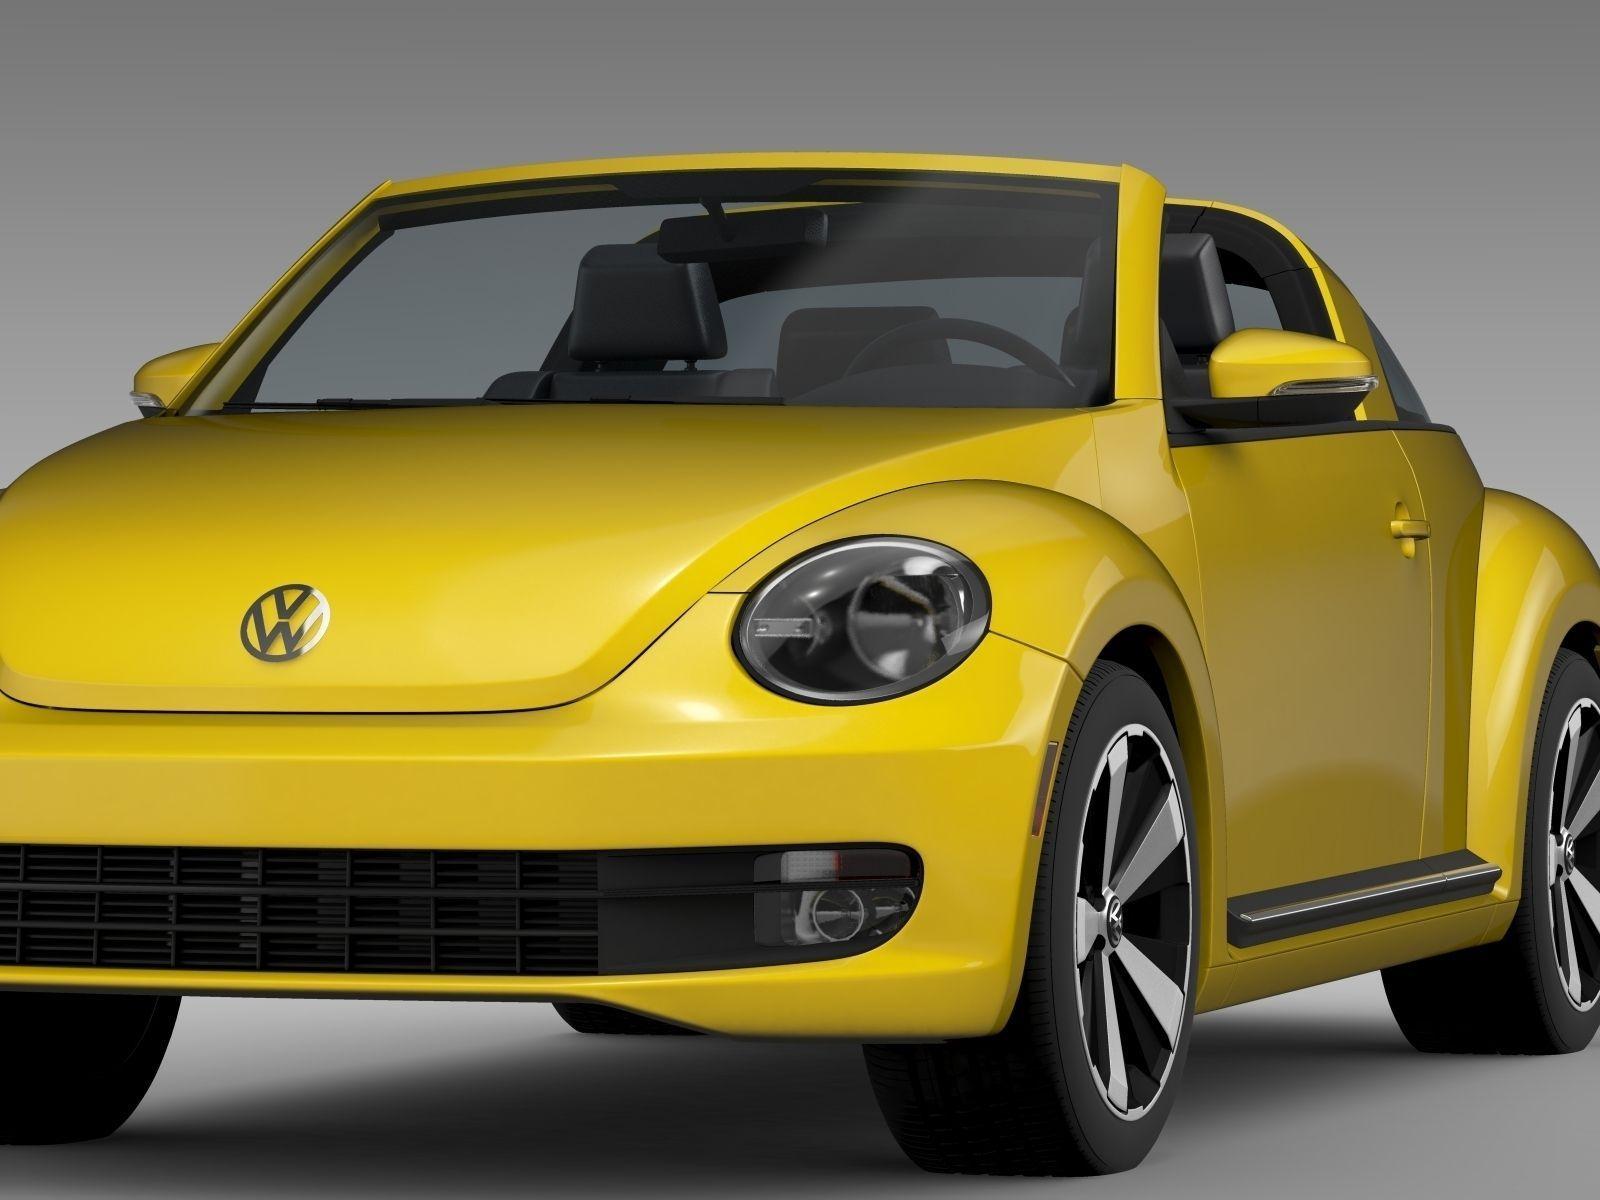 vw beetle targa 2016 3d model max obj 3ds fbx c4d lwo lw. Black Bedroom Furniture Sets. Home Design Ideas